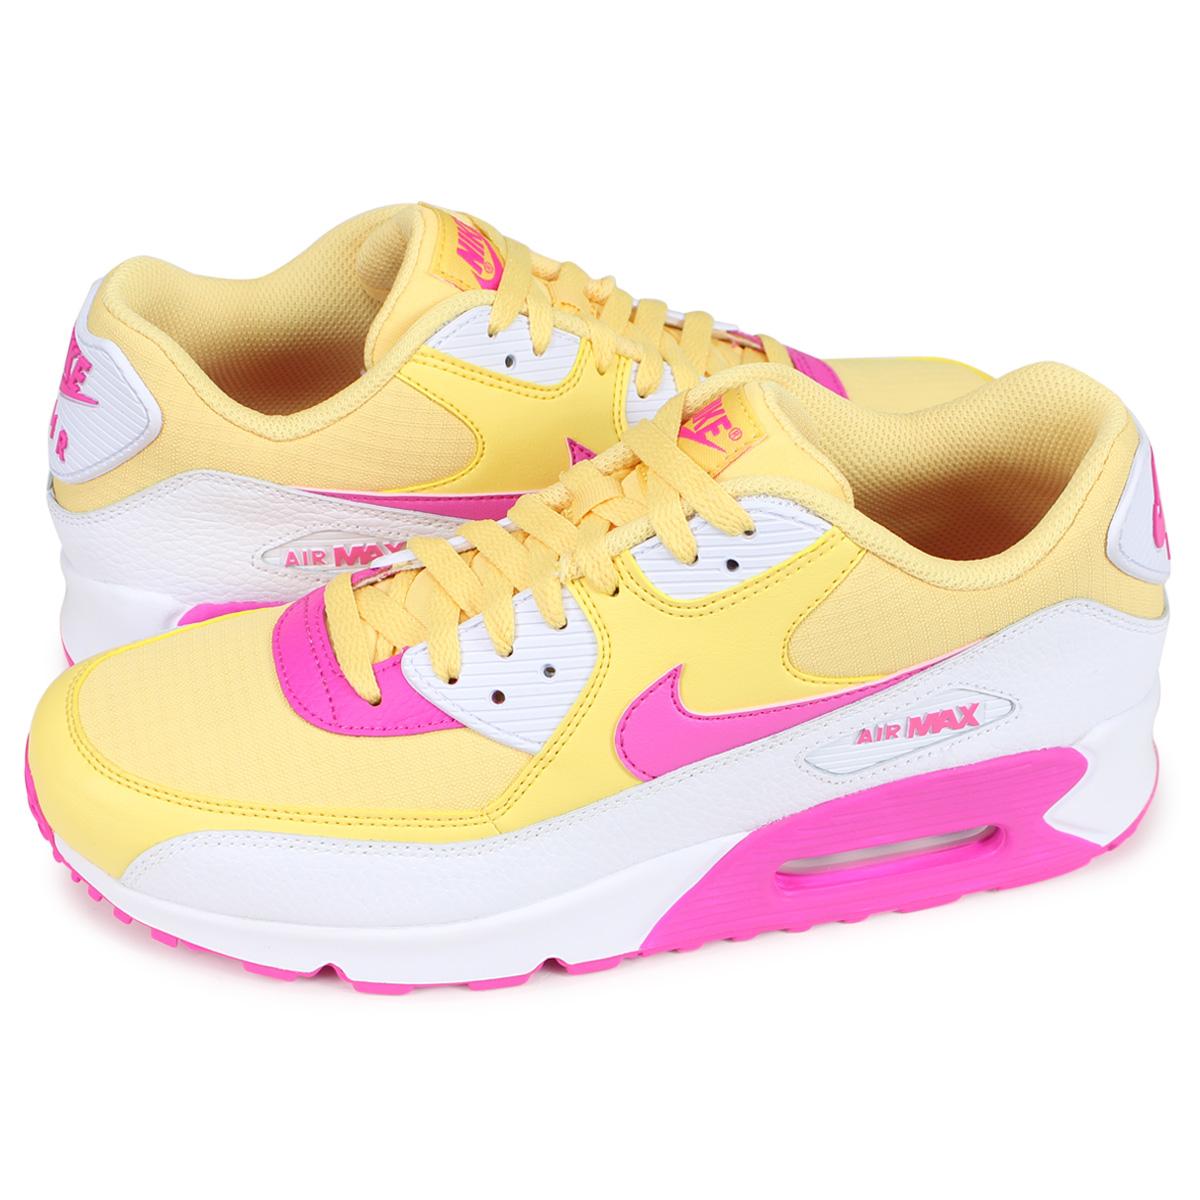 e1c6c2407247b Nike NIKE Air Max 90 sneakers men gap Dis WMNS AIR MAX 90 yellow 325,213-